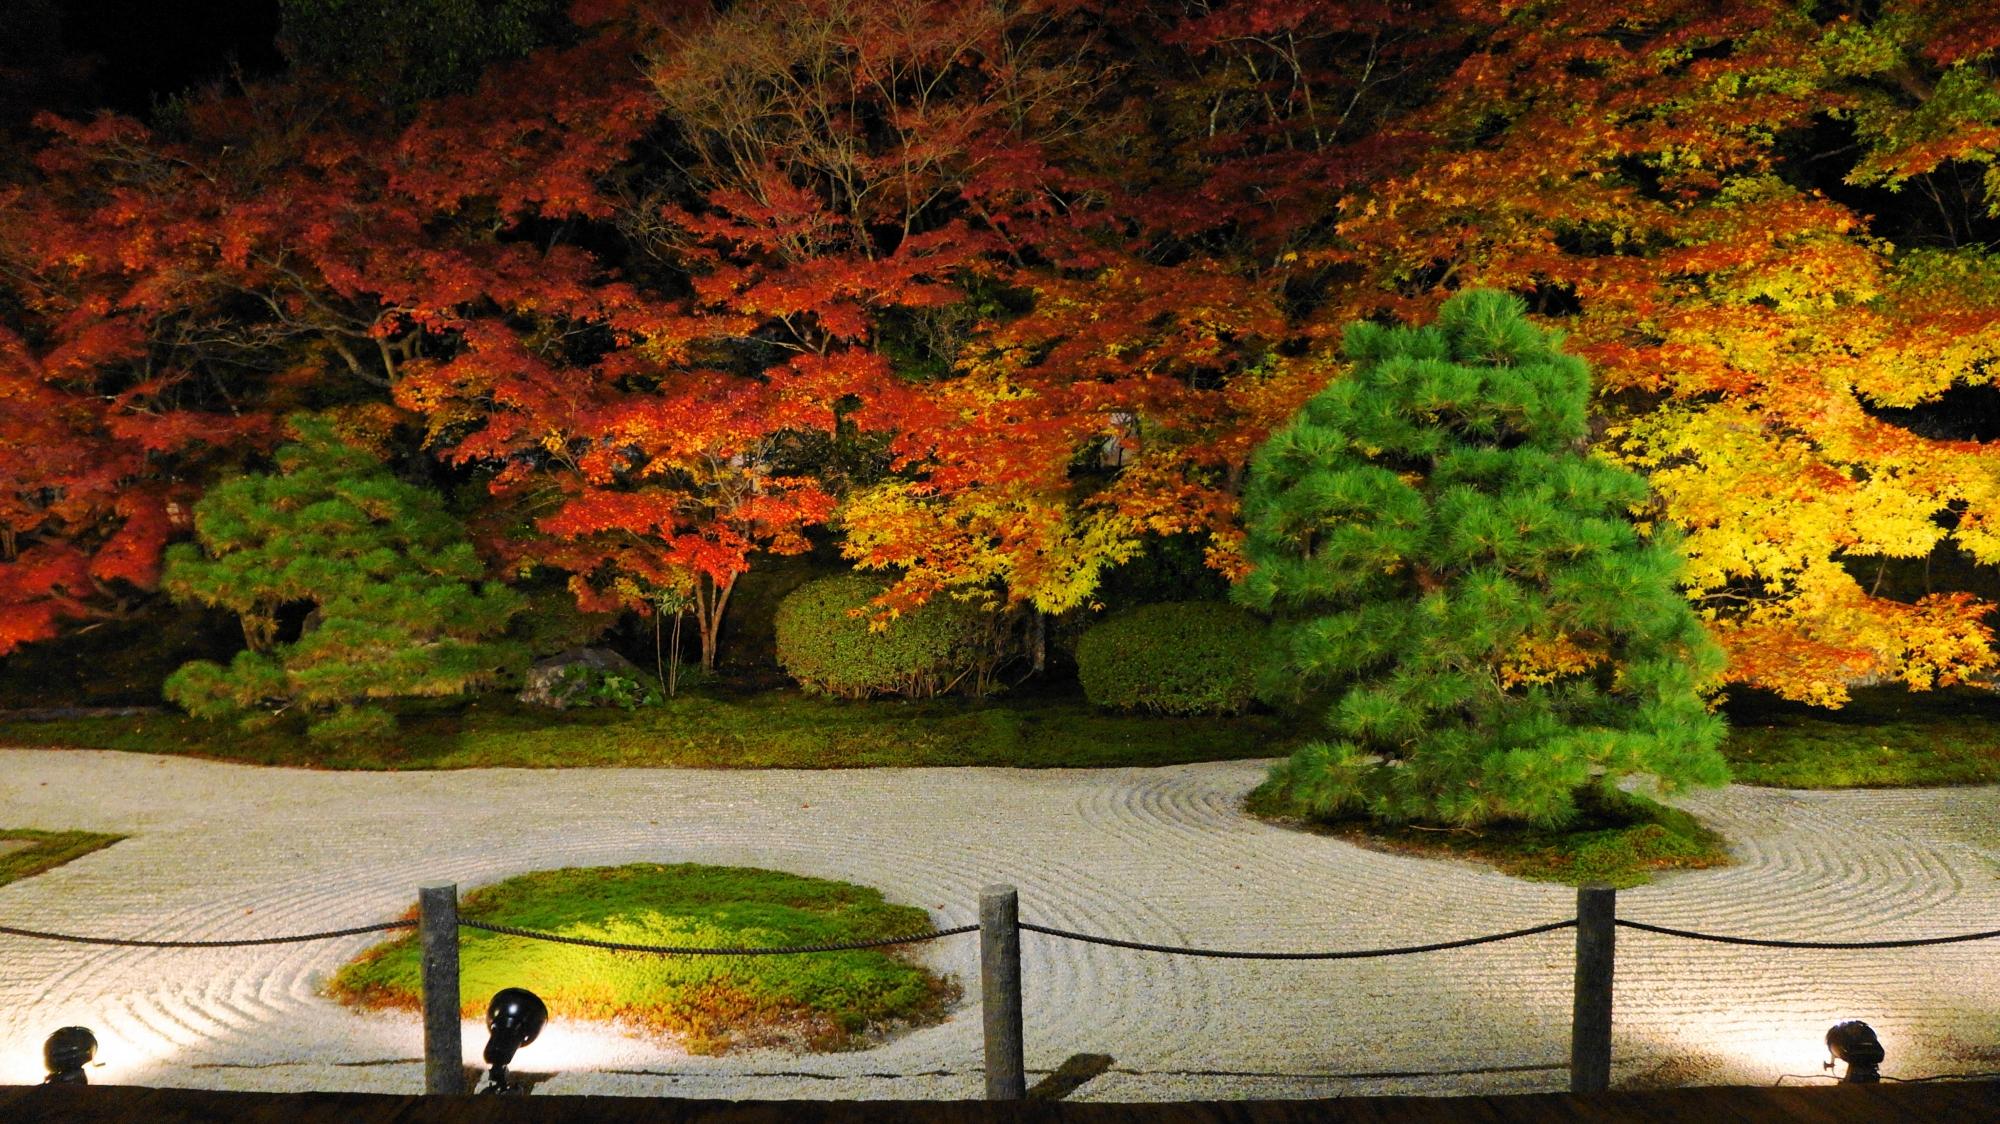 松や苔の緑も紅葉を引き立てる見事な秋の夜の天寿庵